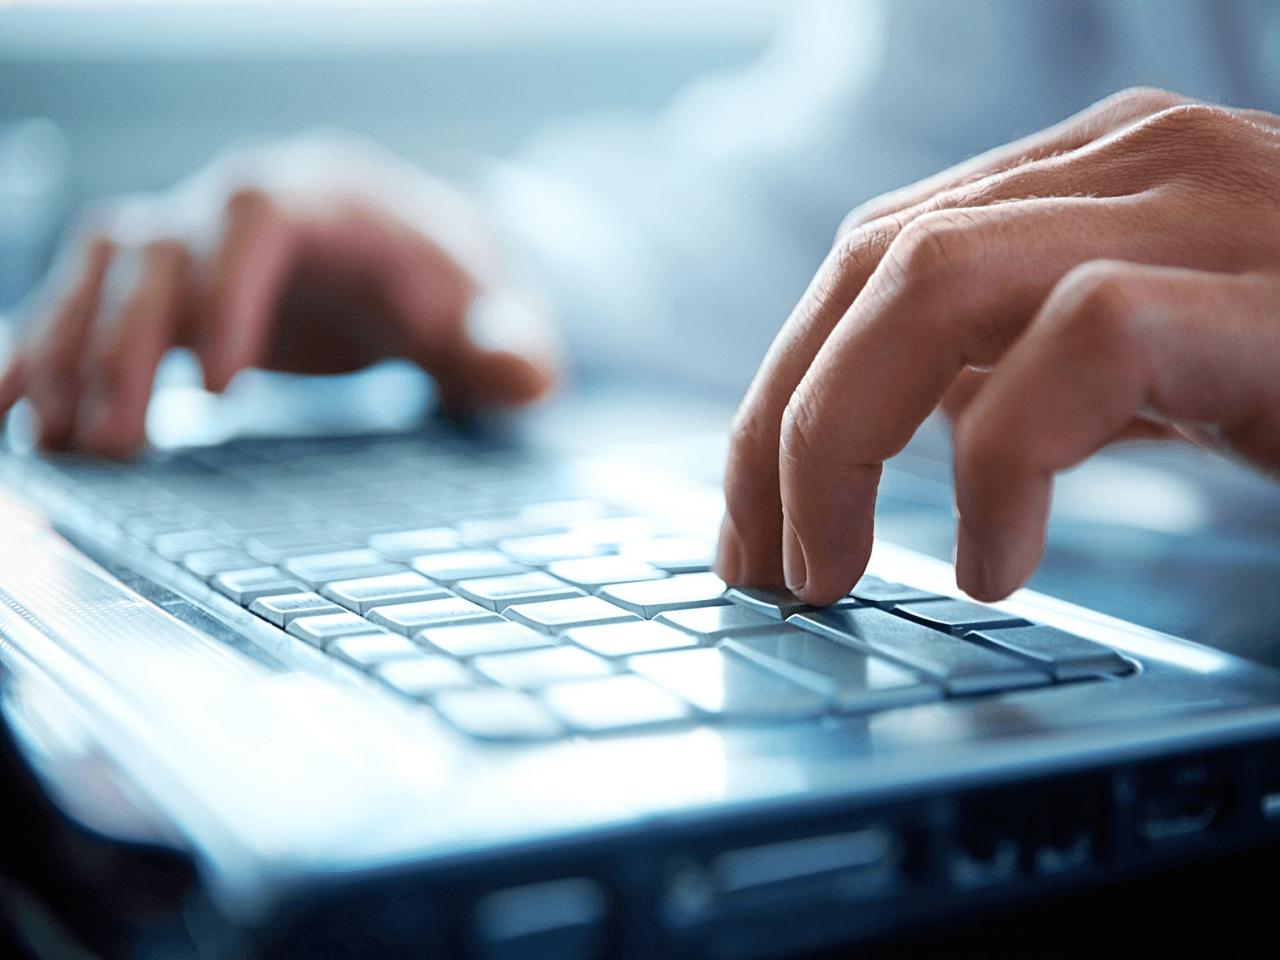 İhracatçı Birlikleri Kayıt Onayları Tek Pencere Sistemine Entegre Ediliyor